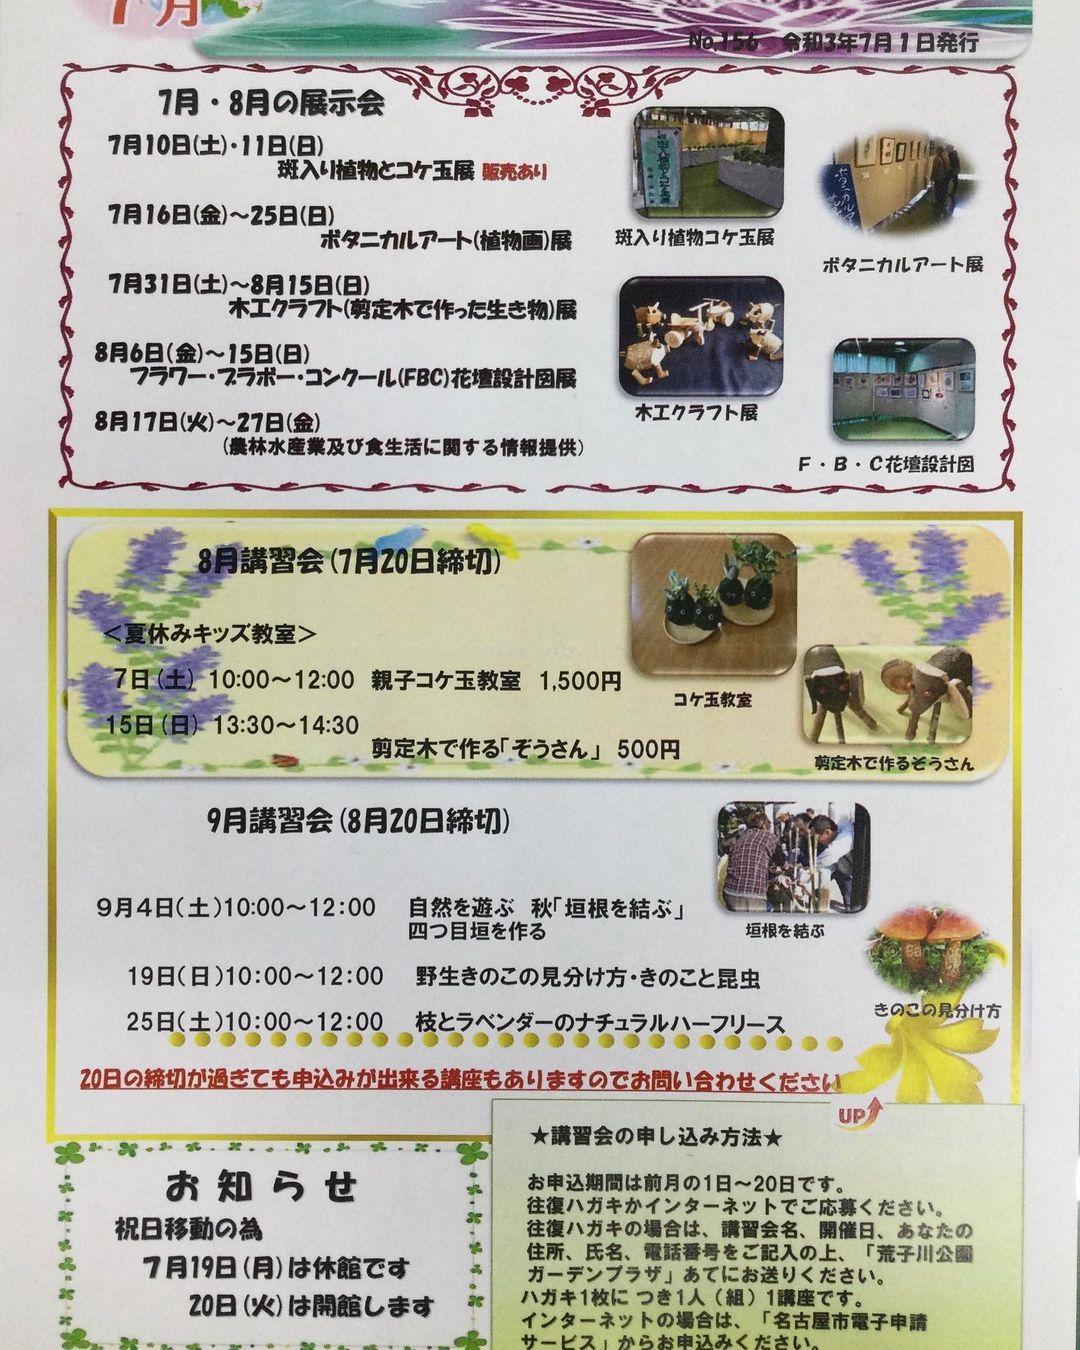 荒子川公園 ニュースレター(展示会、講習会)